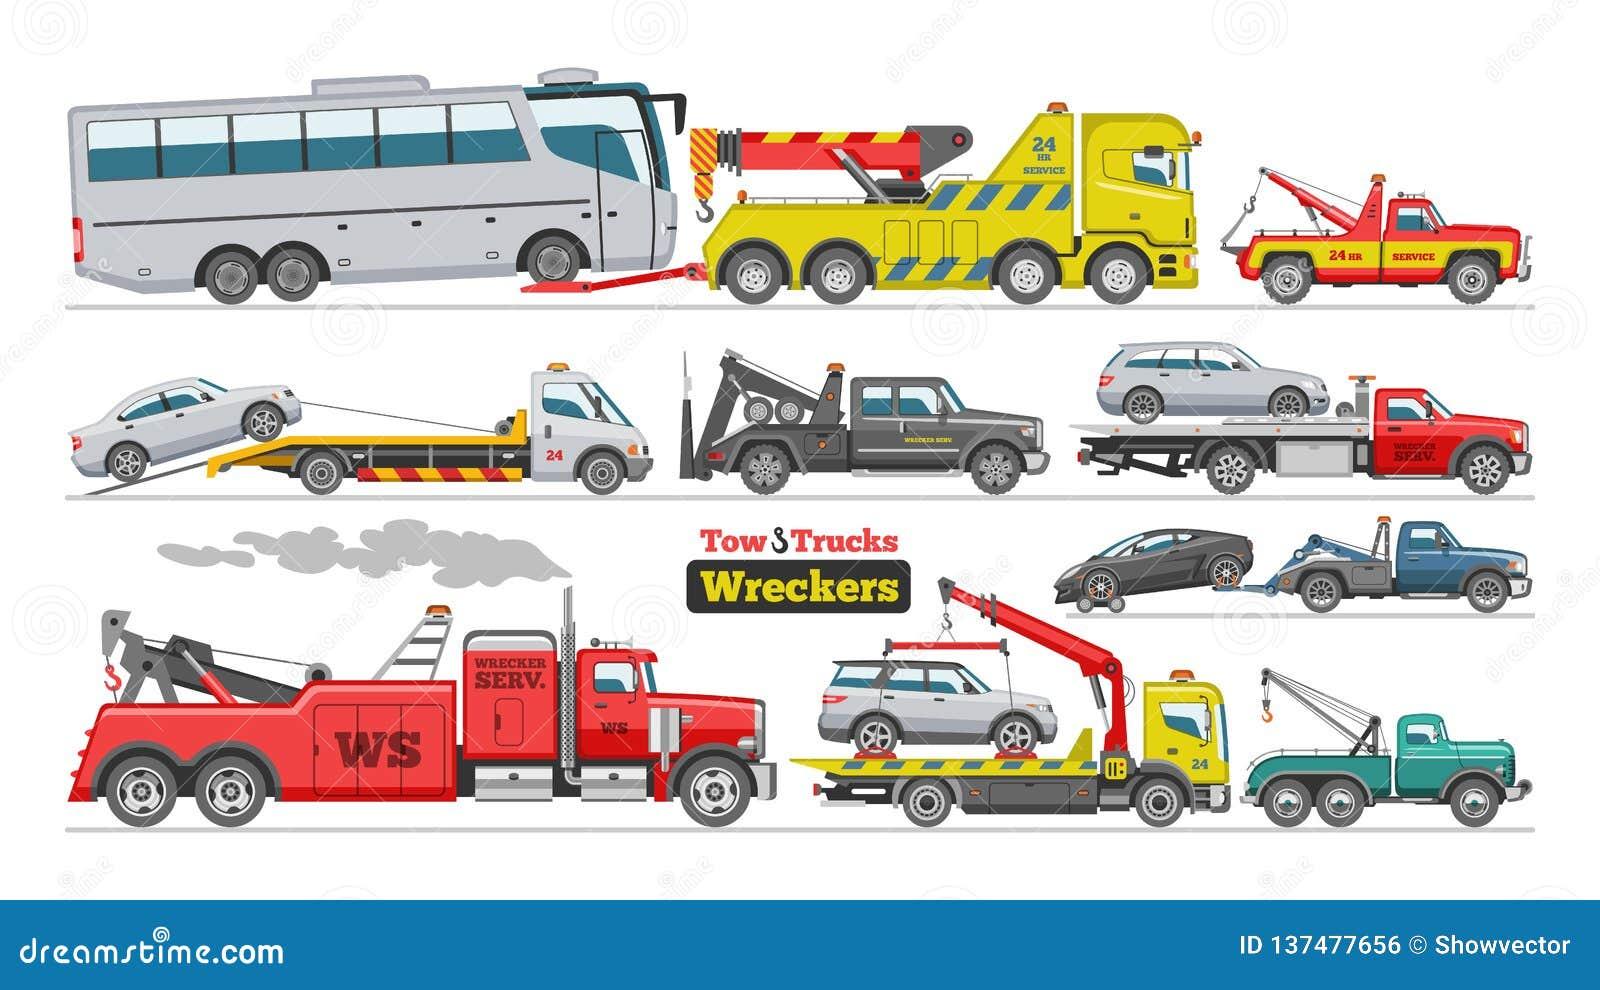 Διανυσματική βοήθεια ρυμούλκησης μεταφορών λεωφορείων οχημάτων μεταφοράς με φορτηγό αυτοκινήτων ρυμούλκησης φορτηγών ρυμούλκησης